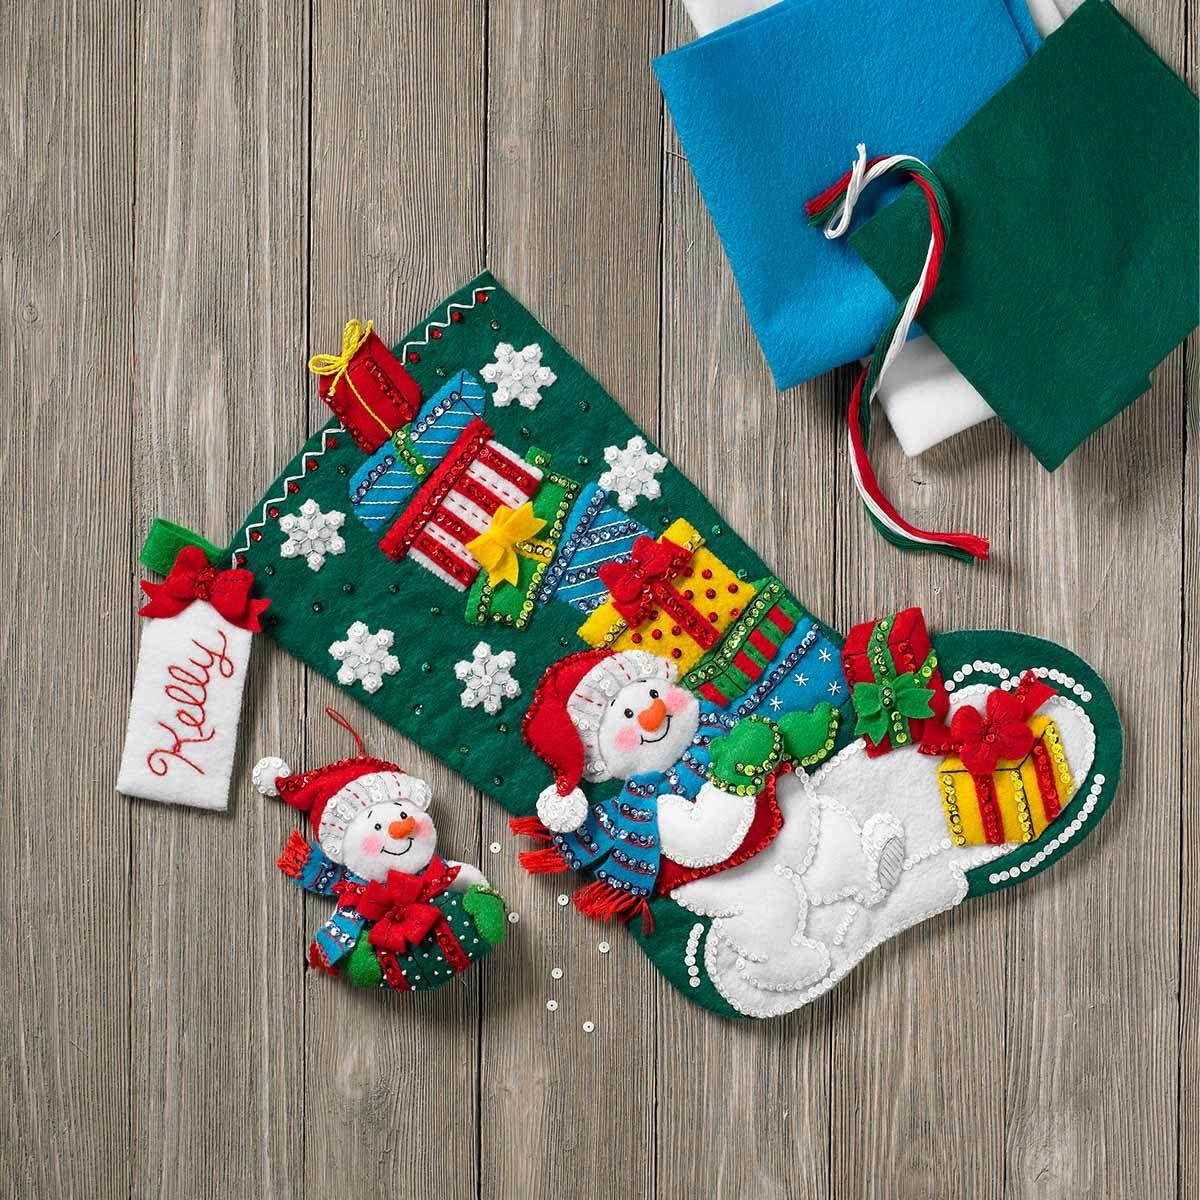 「Snowman With Presents StockingBucilla 」ブシラ クリスマス ハンドメイド フェルト くつ下 ソックス  ストッキング キット